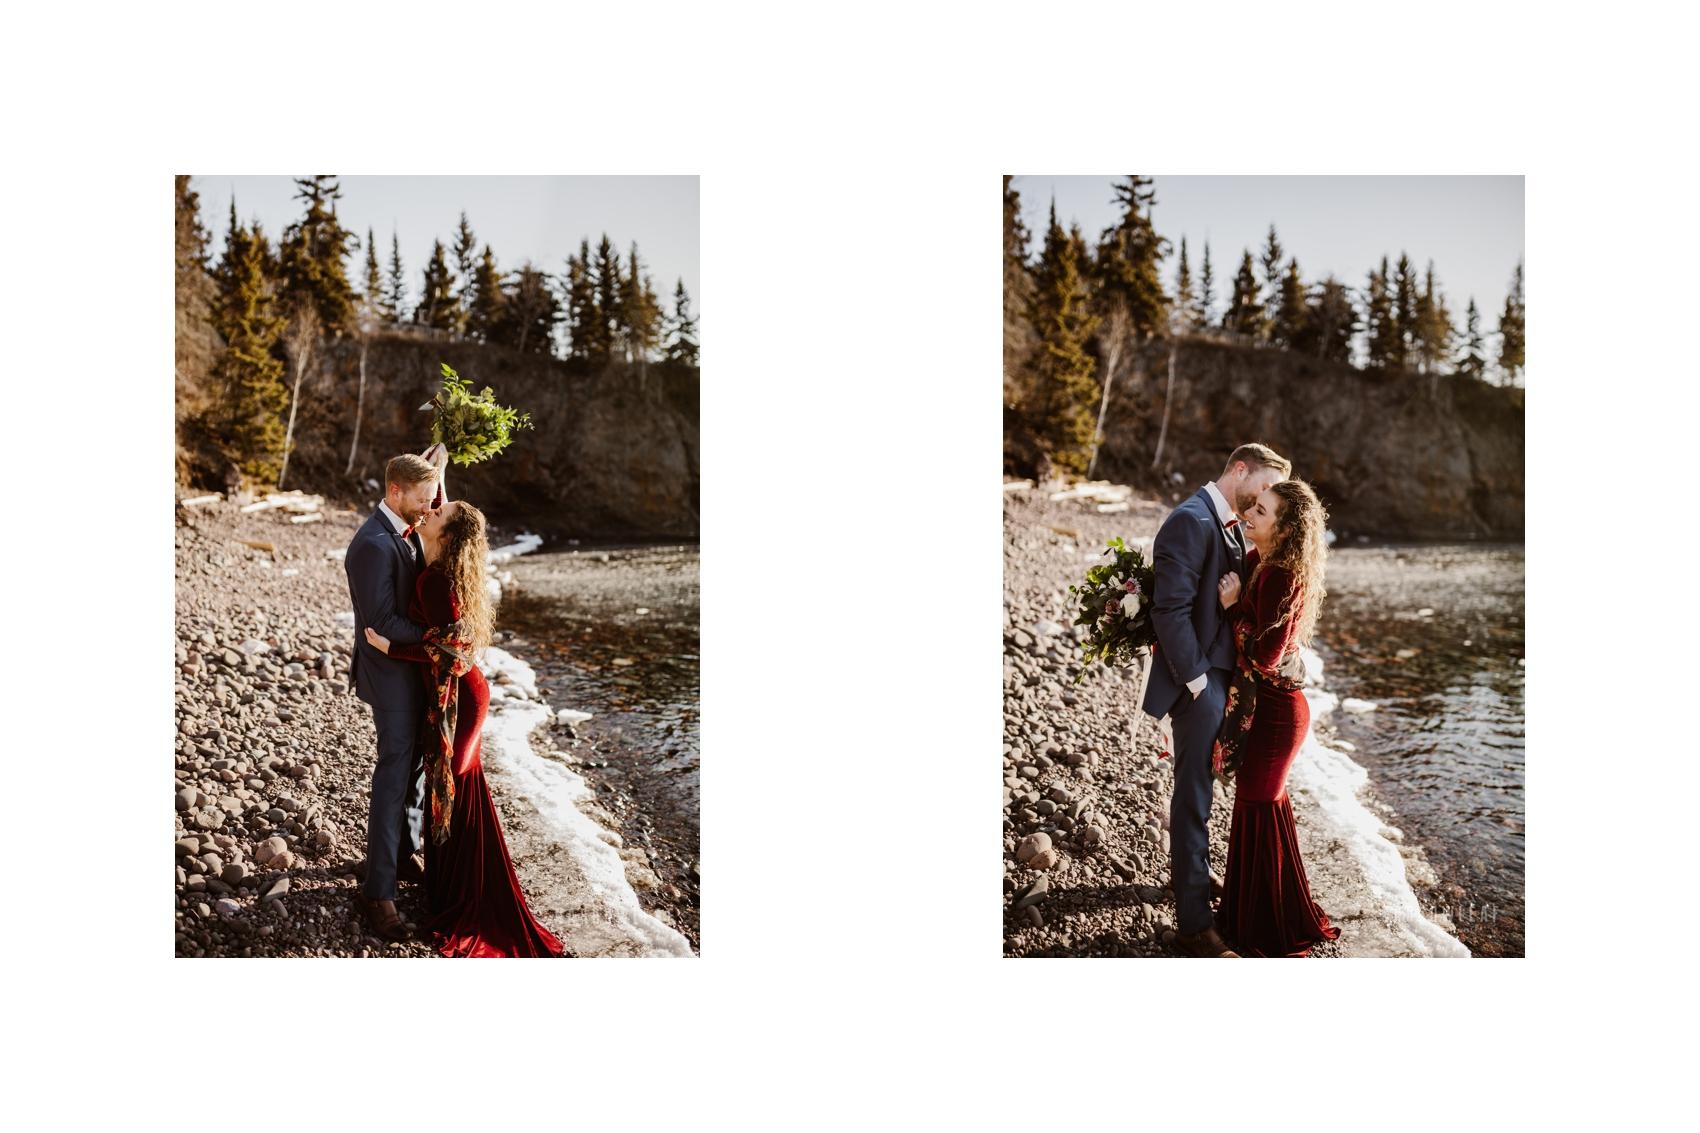 sunrise-winter-elopement-red-velvet-dress-narrowleaf-photography.jpg